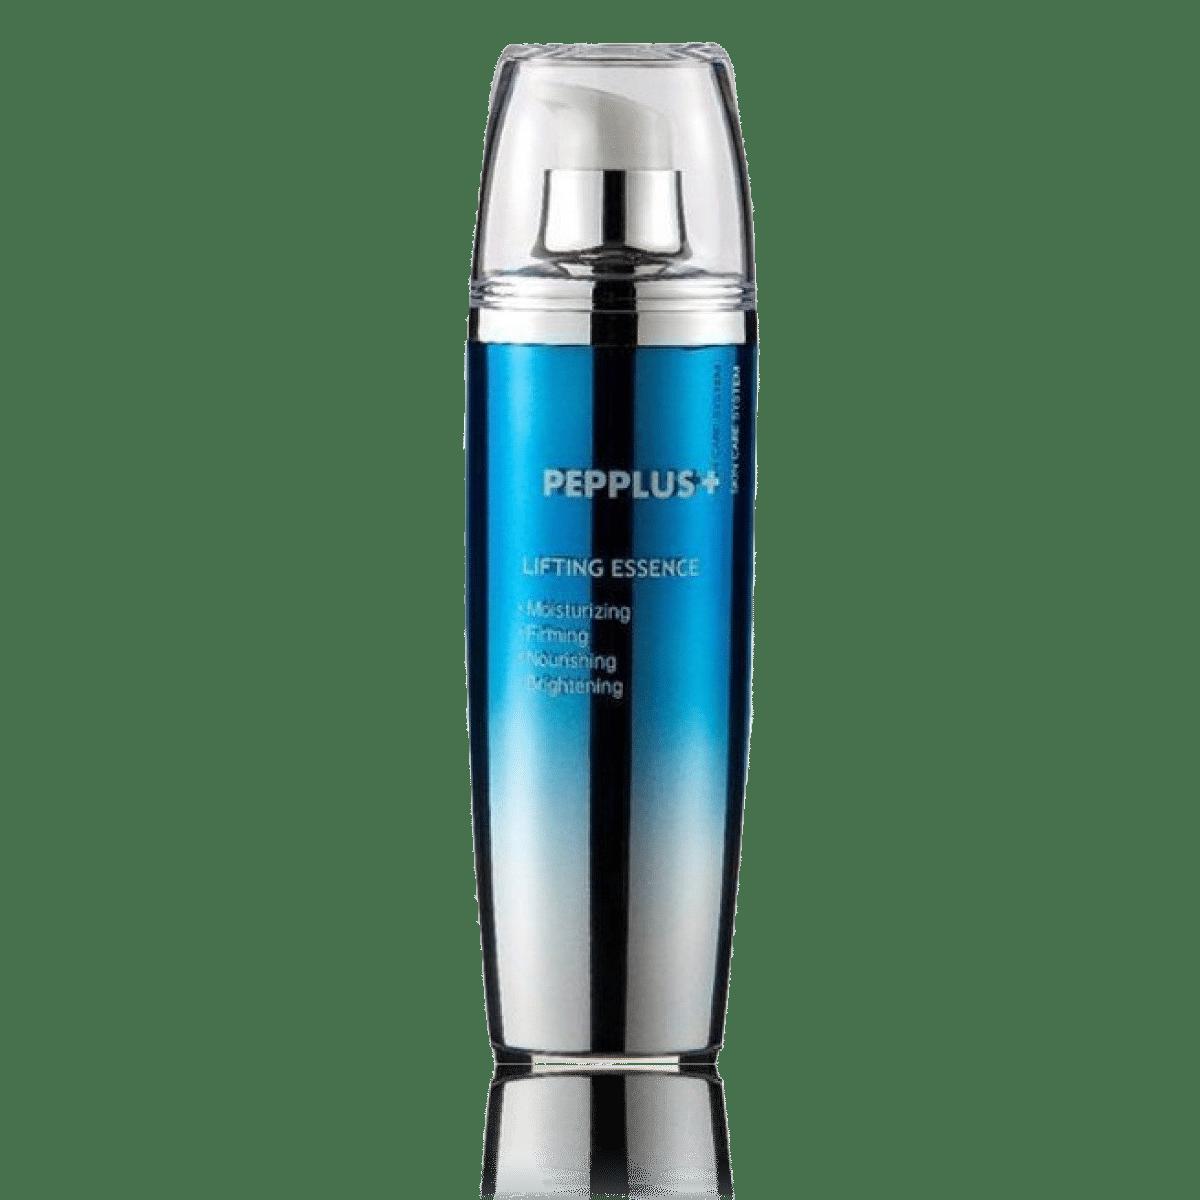 pepplus-lifting-essence-estetica-cruz-merinero-madrid